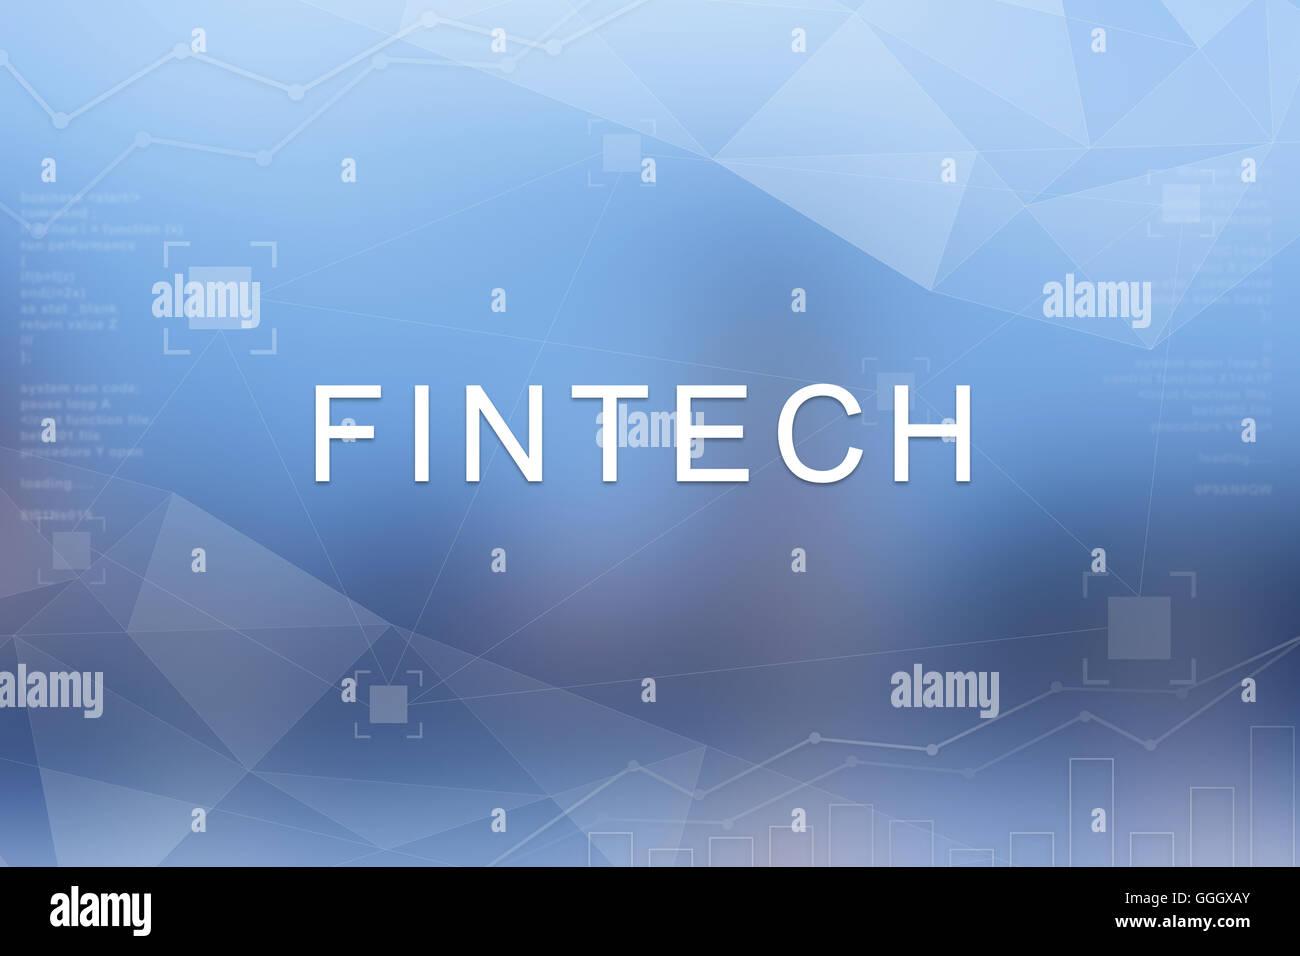 FinTech oder Finanztechnologie Wort auf blauen unscharf und Polygon-Hintergrund Stockbild